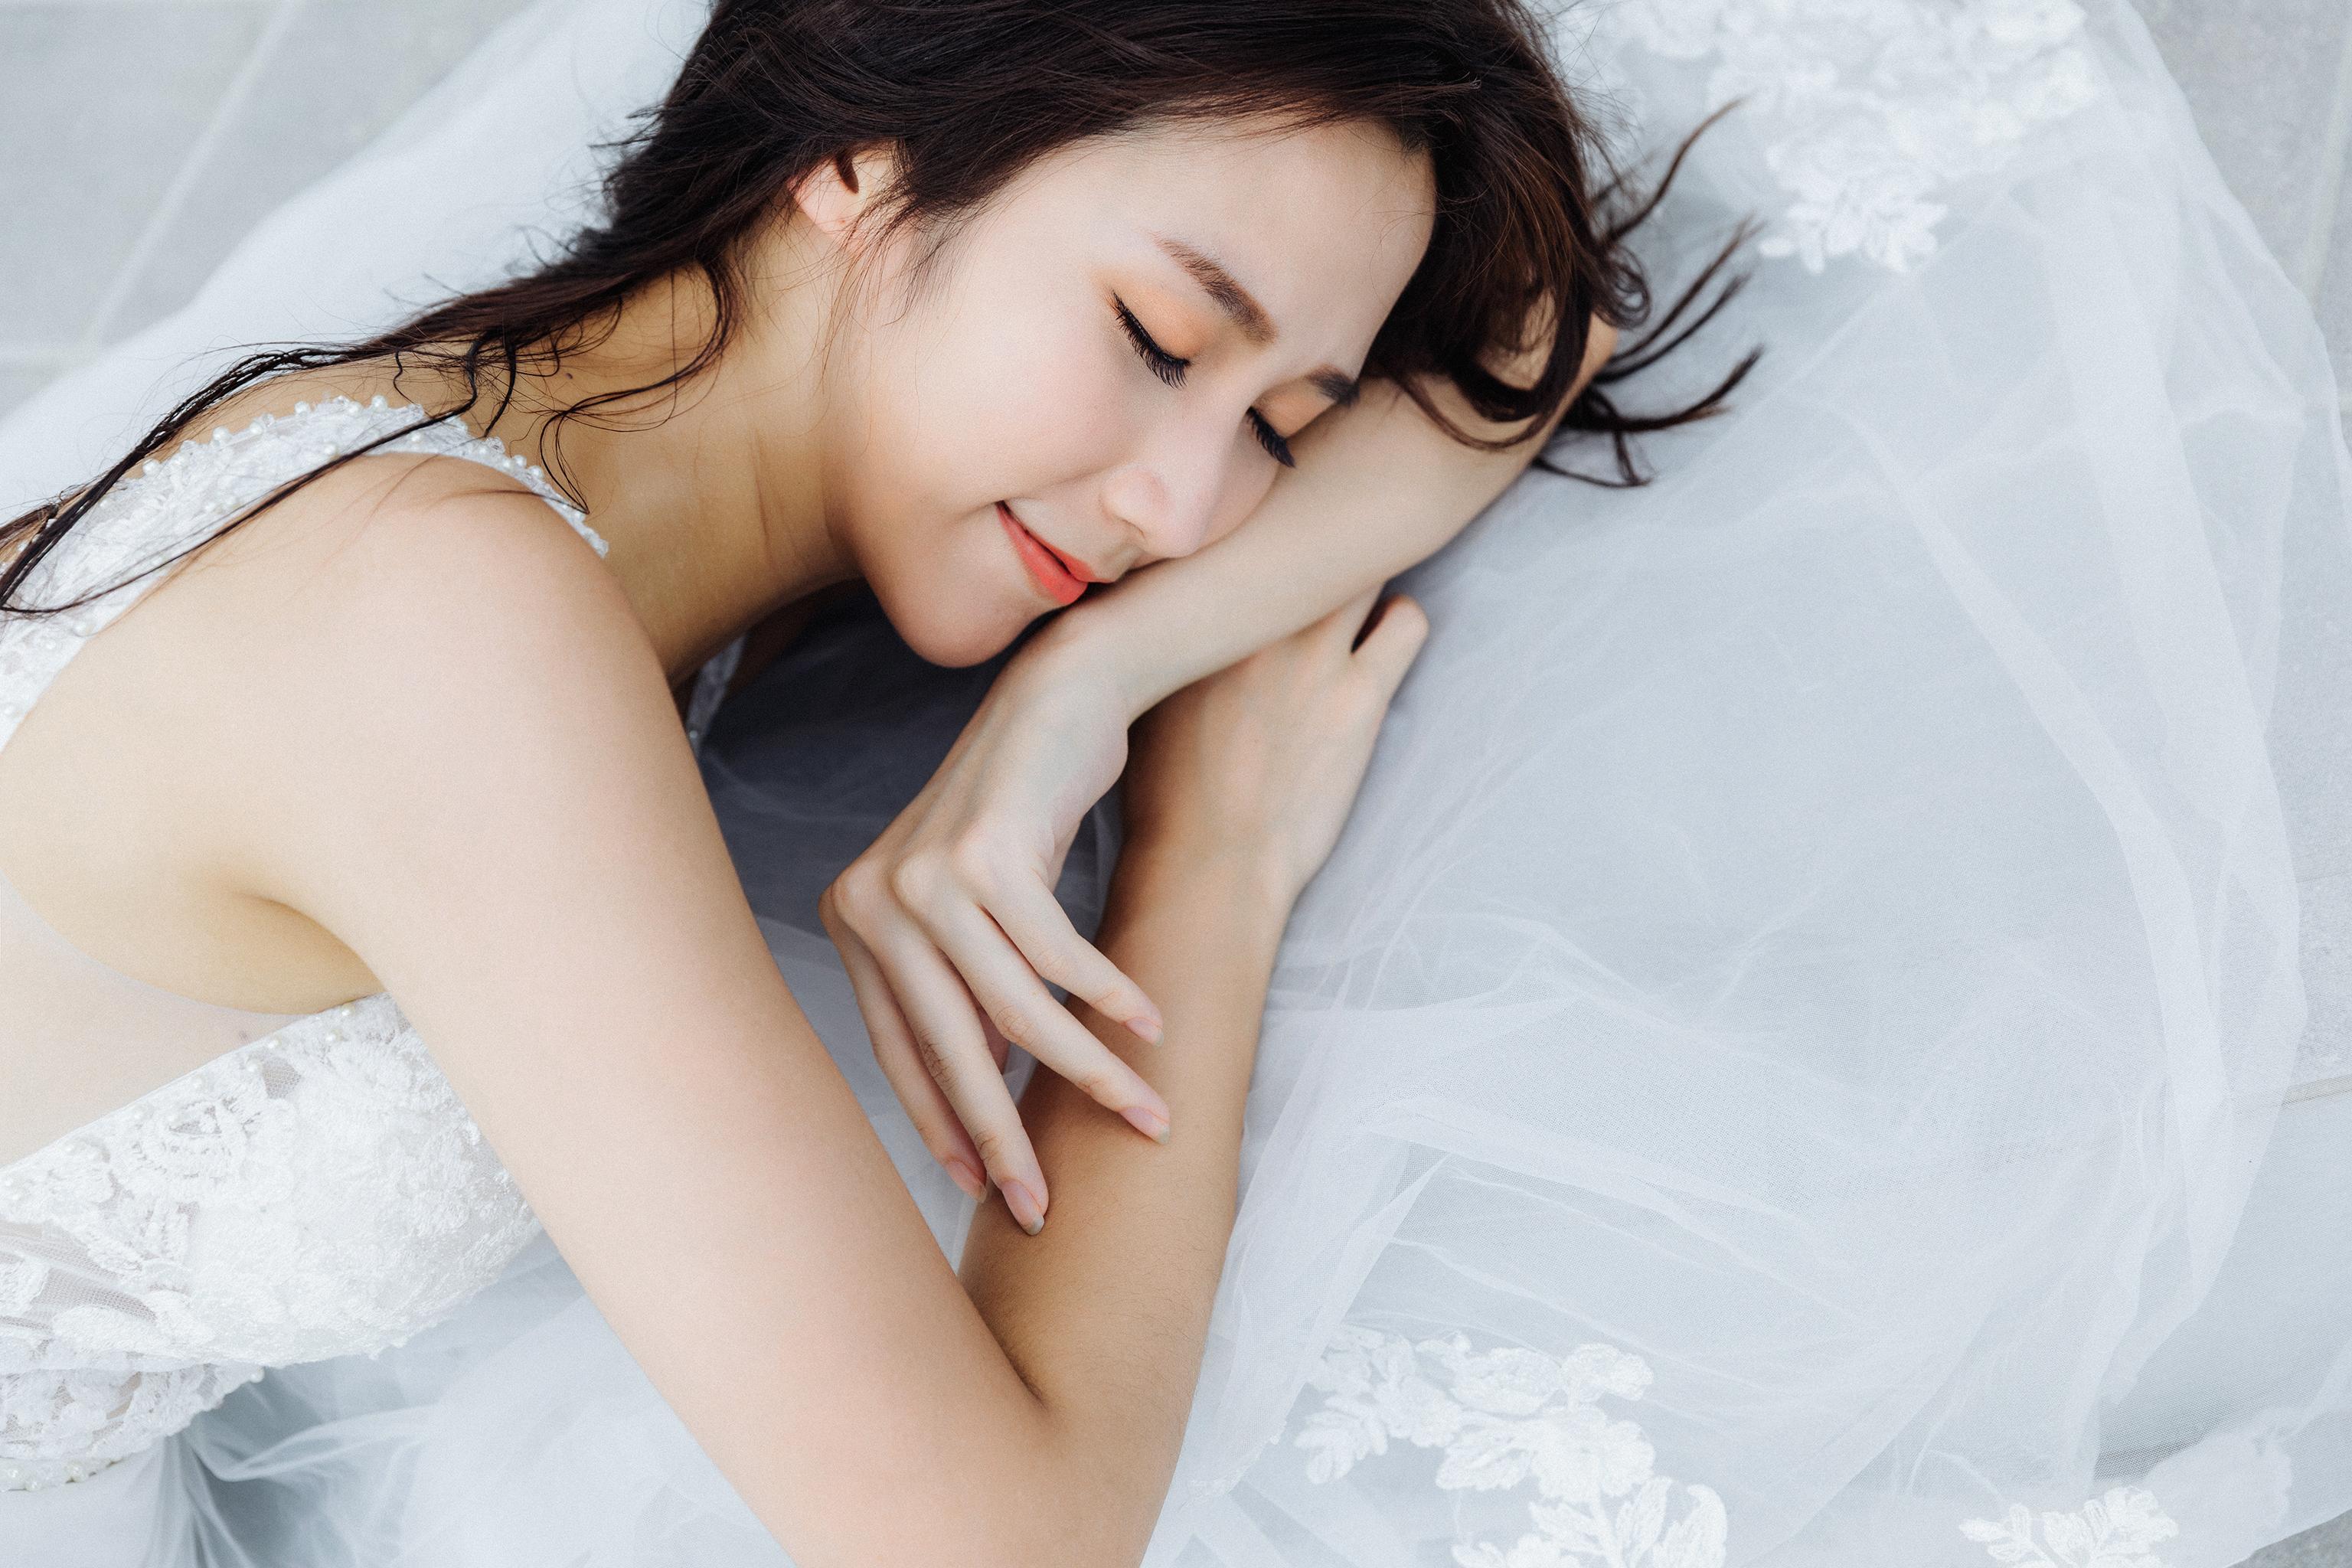 48592193596 a8bfeb6469 o - 【自主婚紗】+Ying&Wiwi+